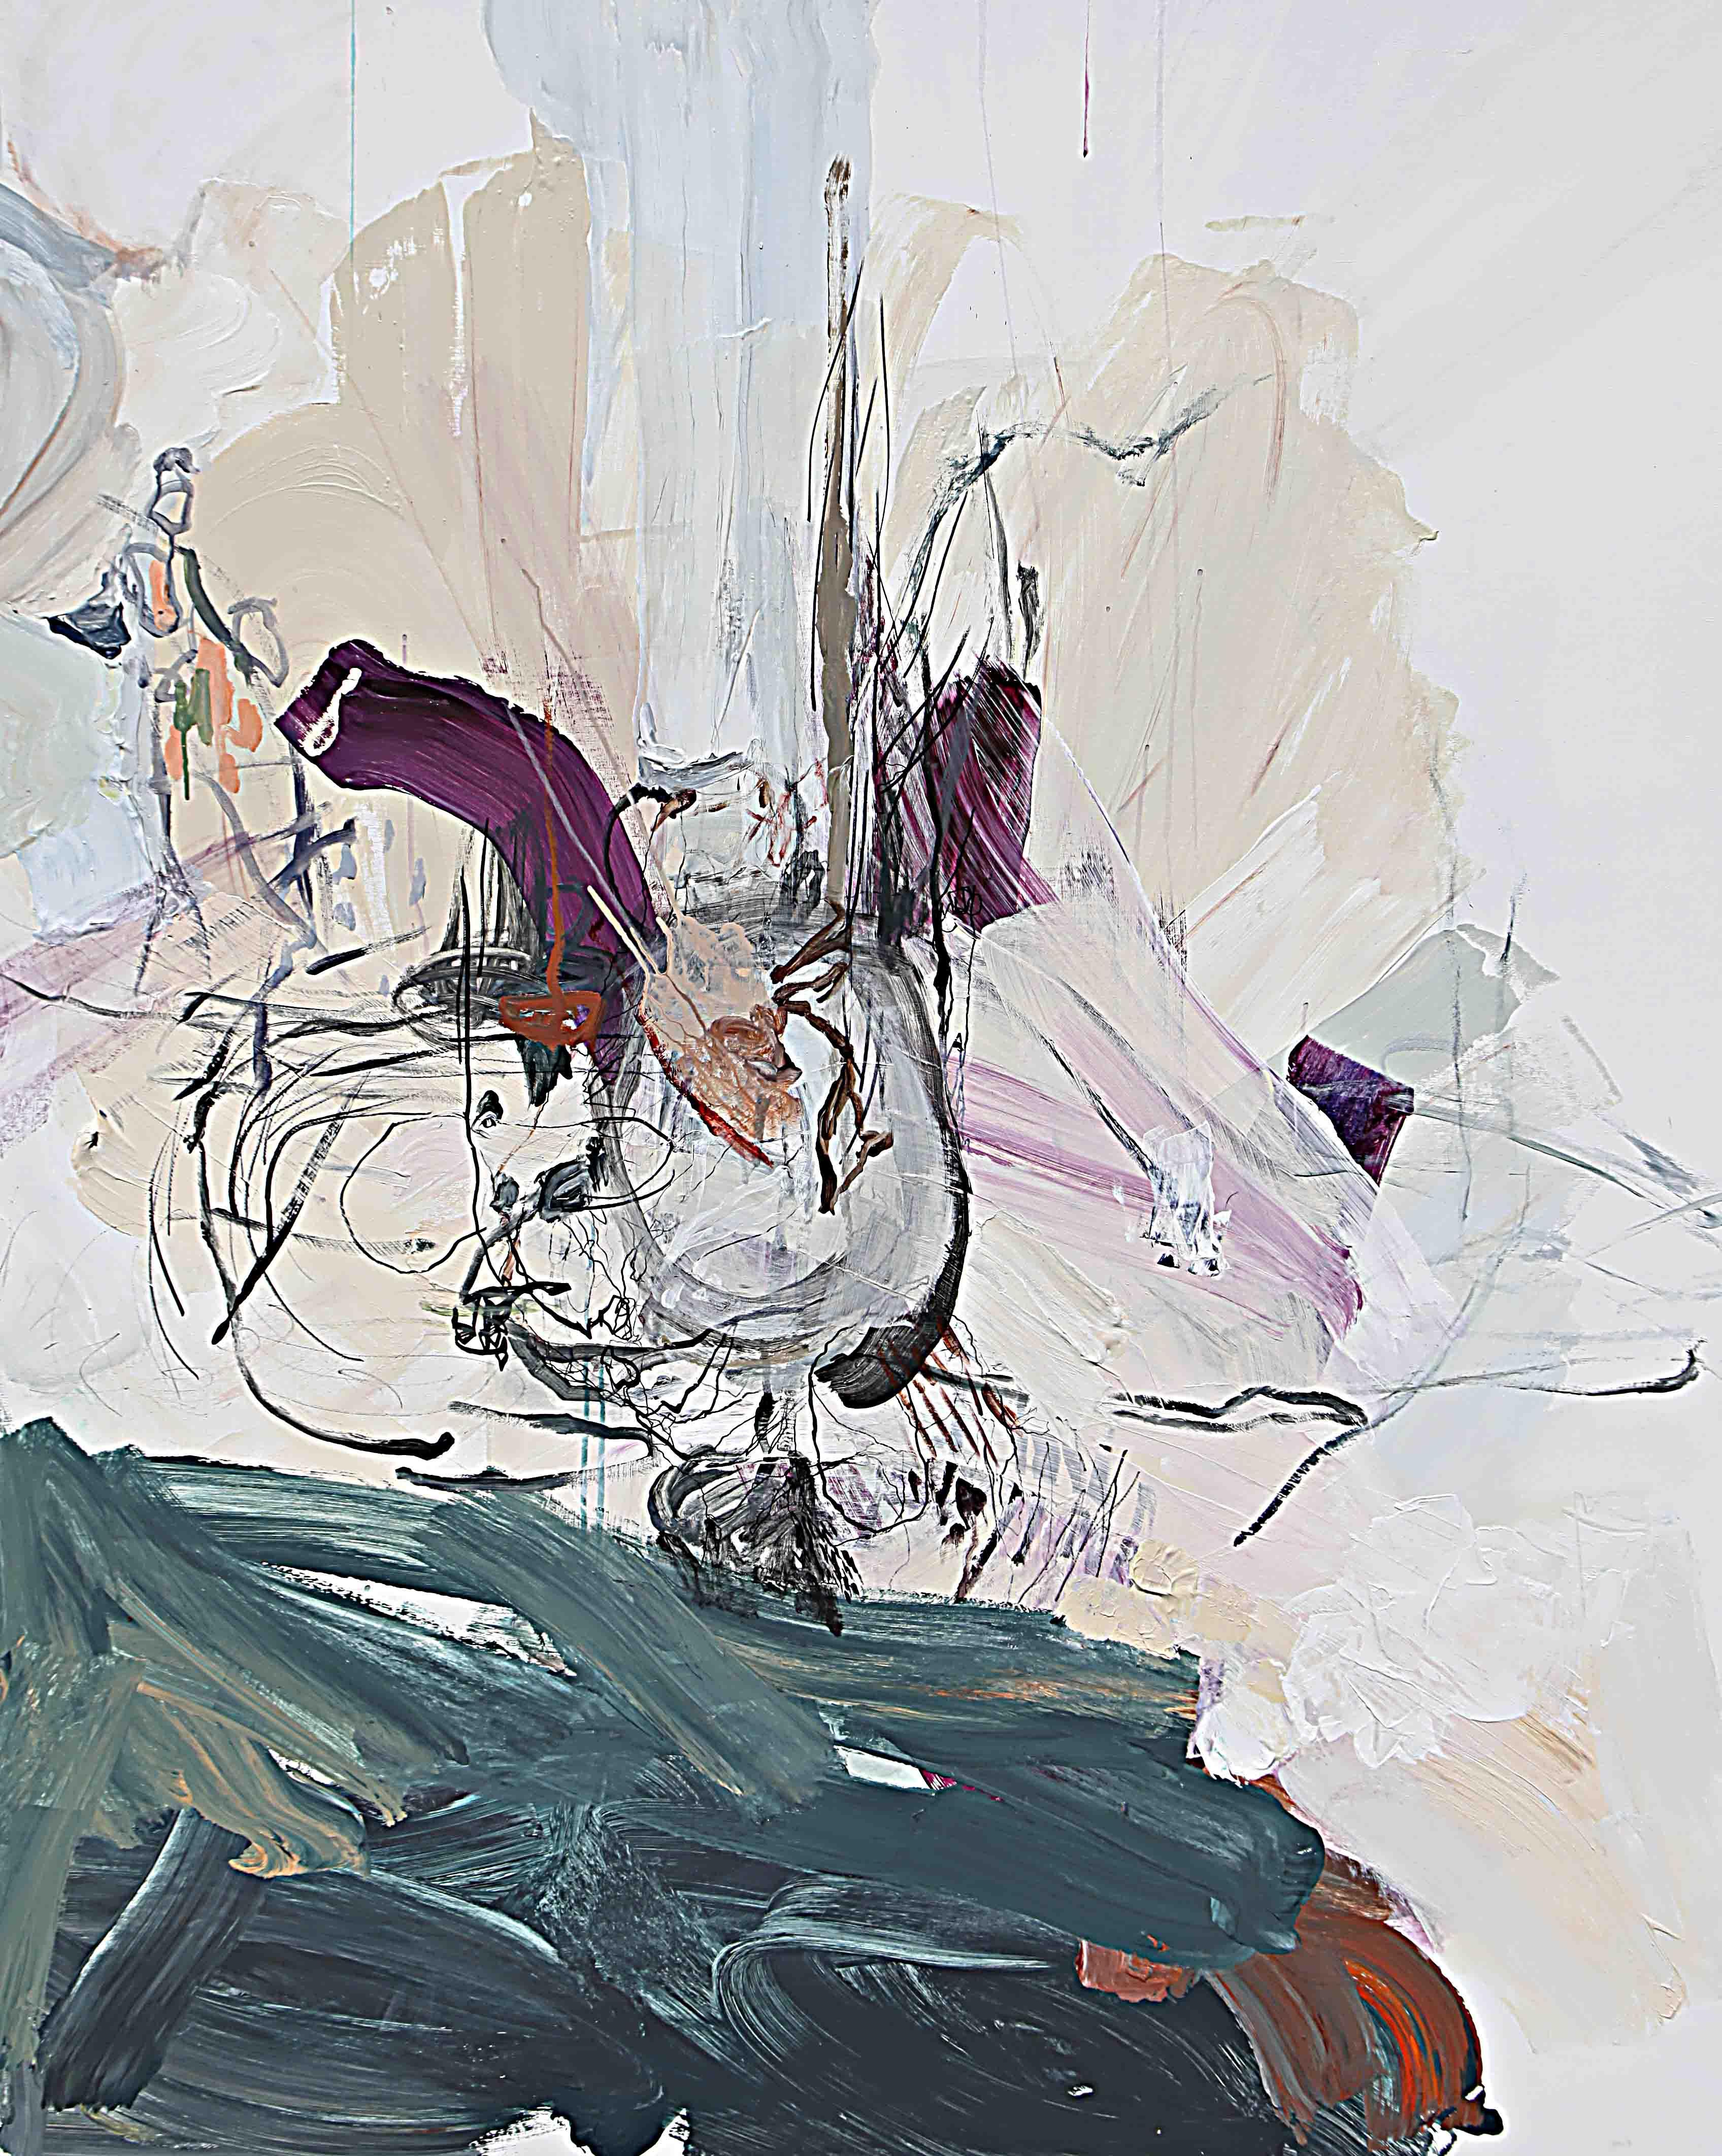 사이공간10, 162.2 x 130.3 cm. pen, acrylic on canvas, 2015